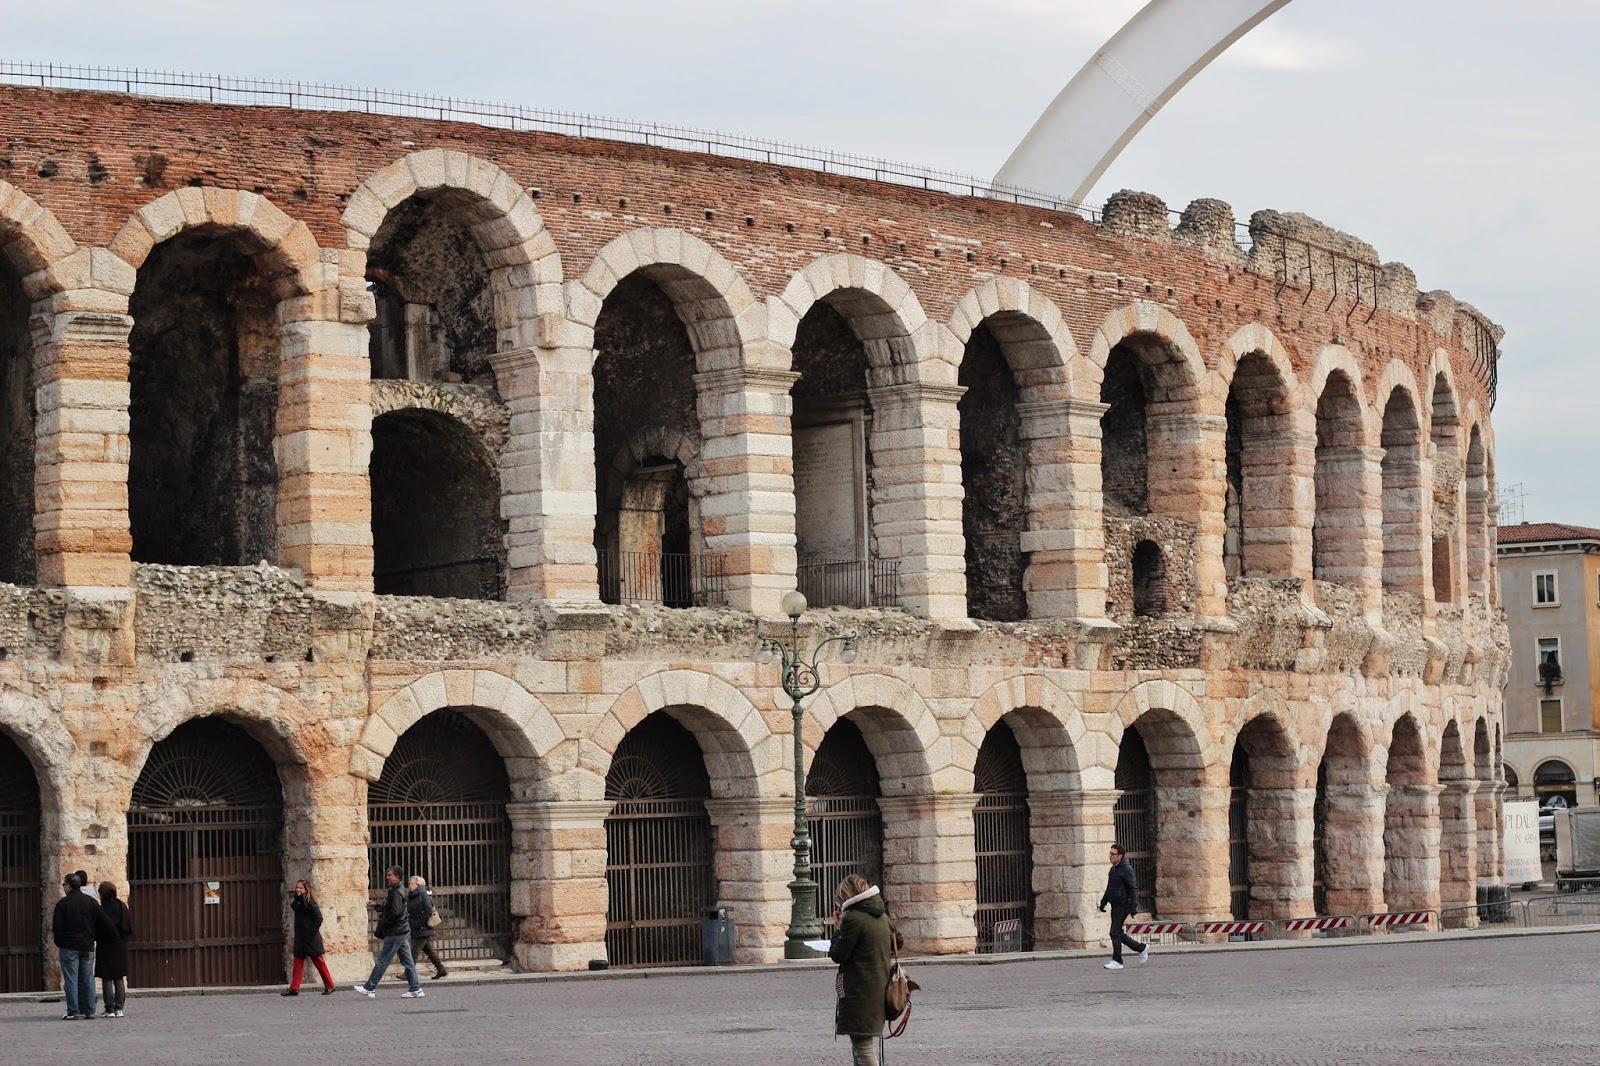 Arena in Piazza Bra Verona